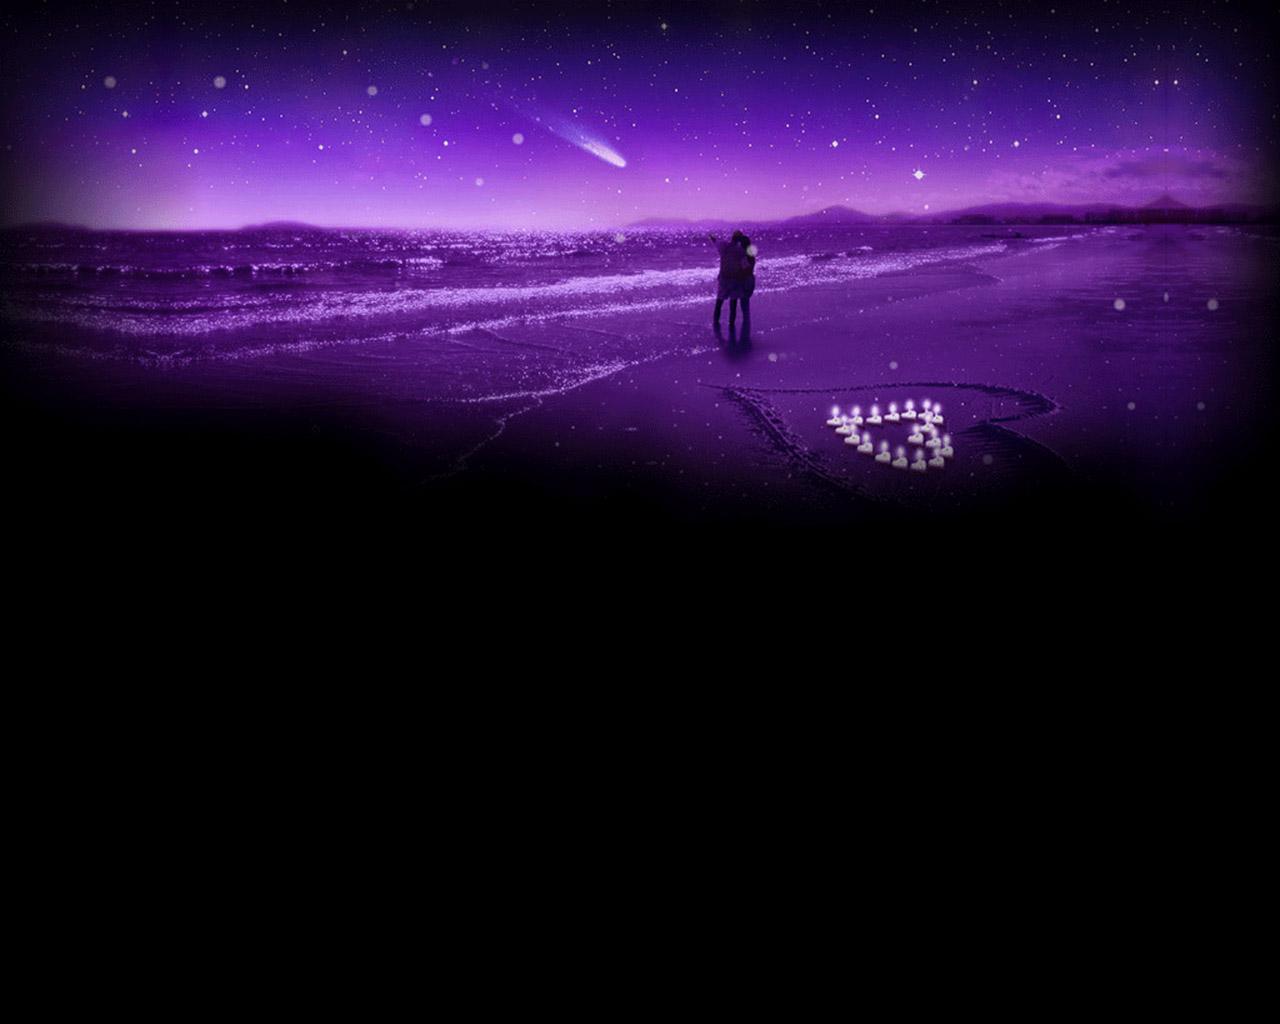 Purple Love Wallpaper: Purple Love Wallpapers